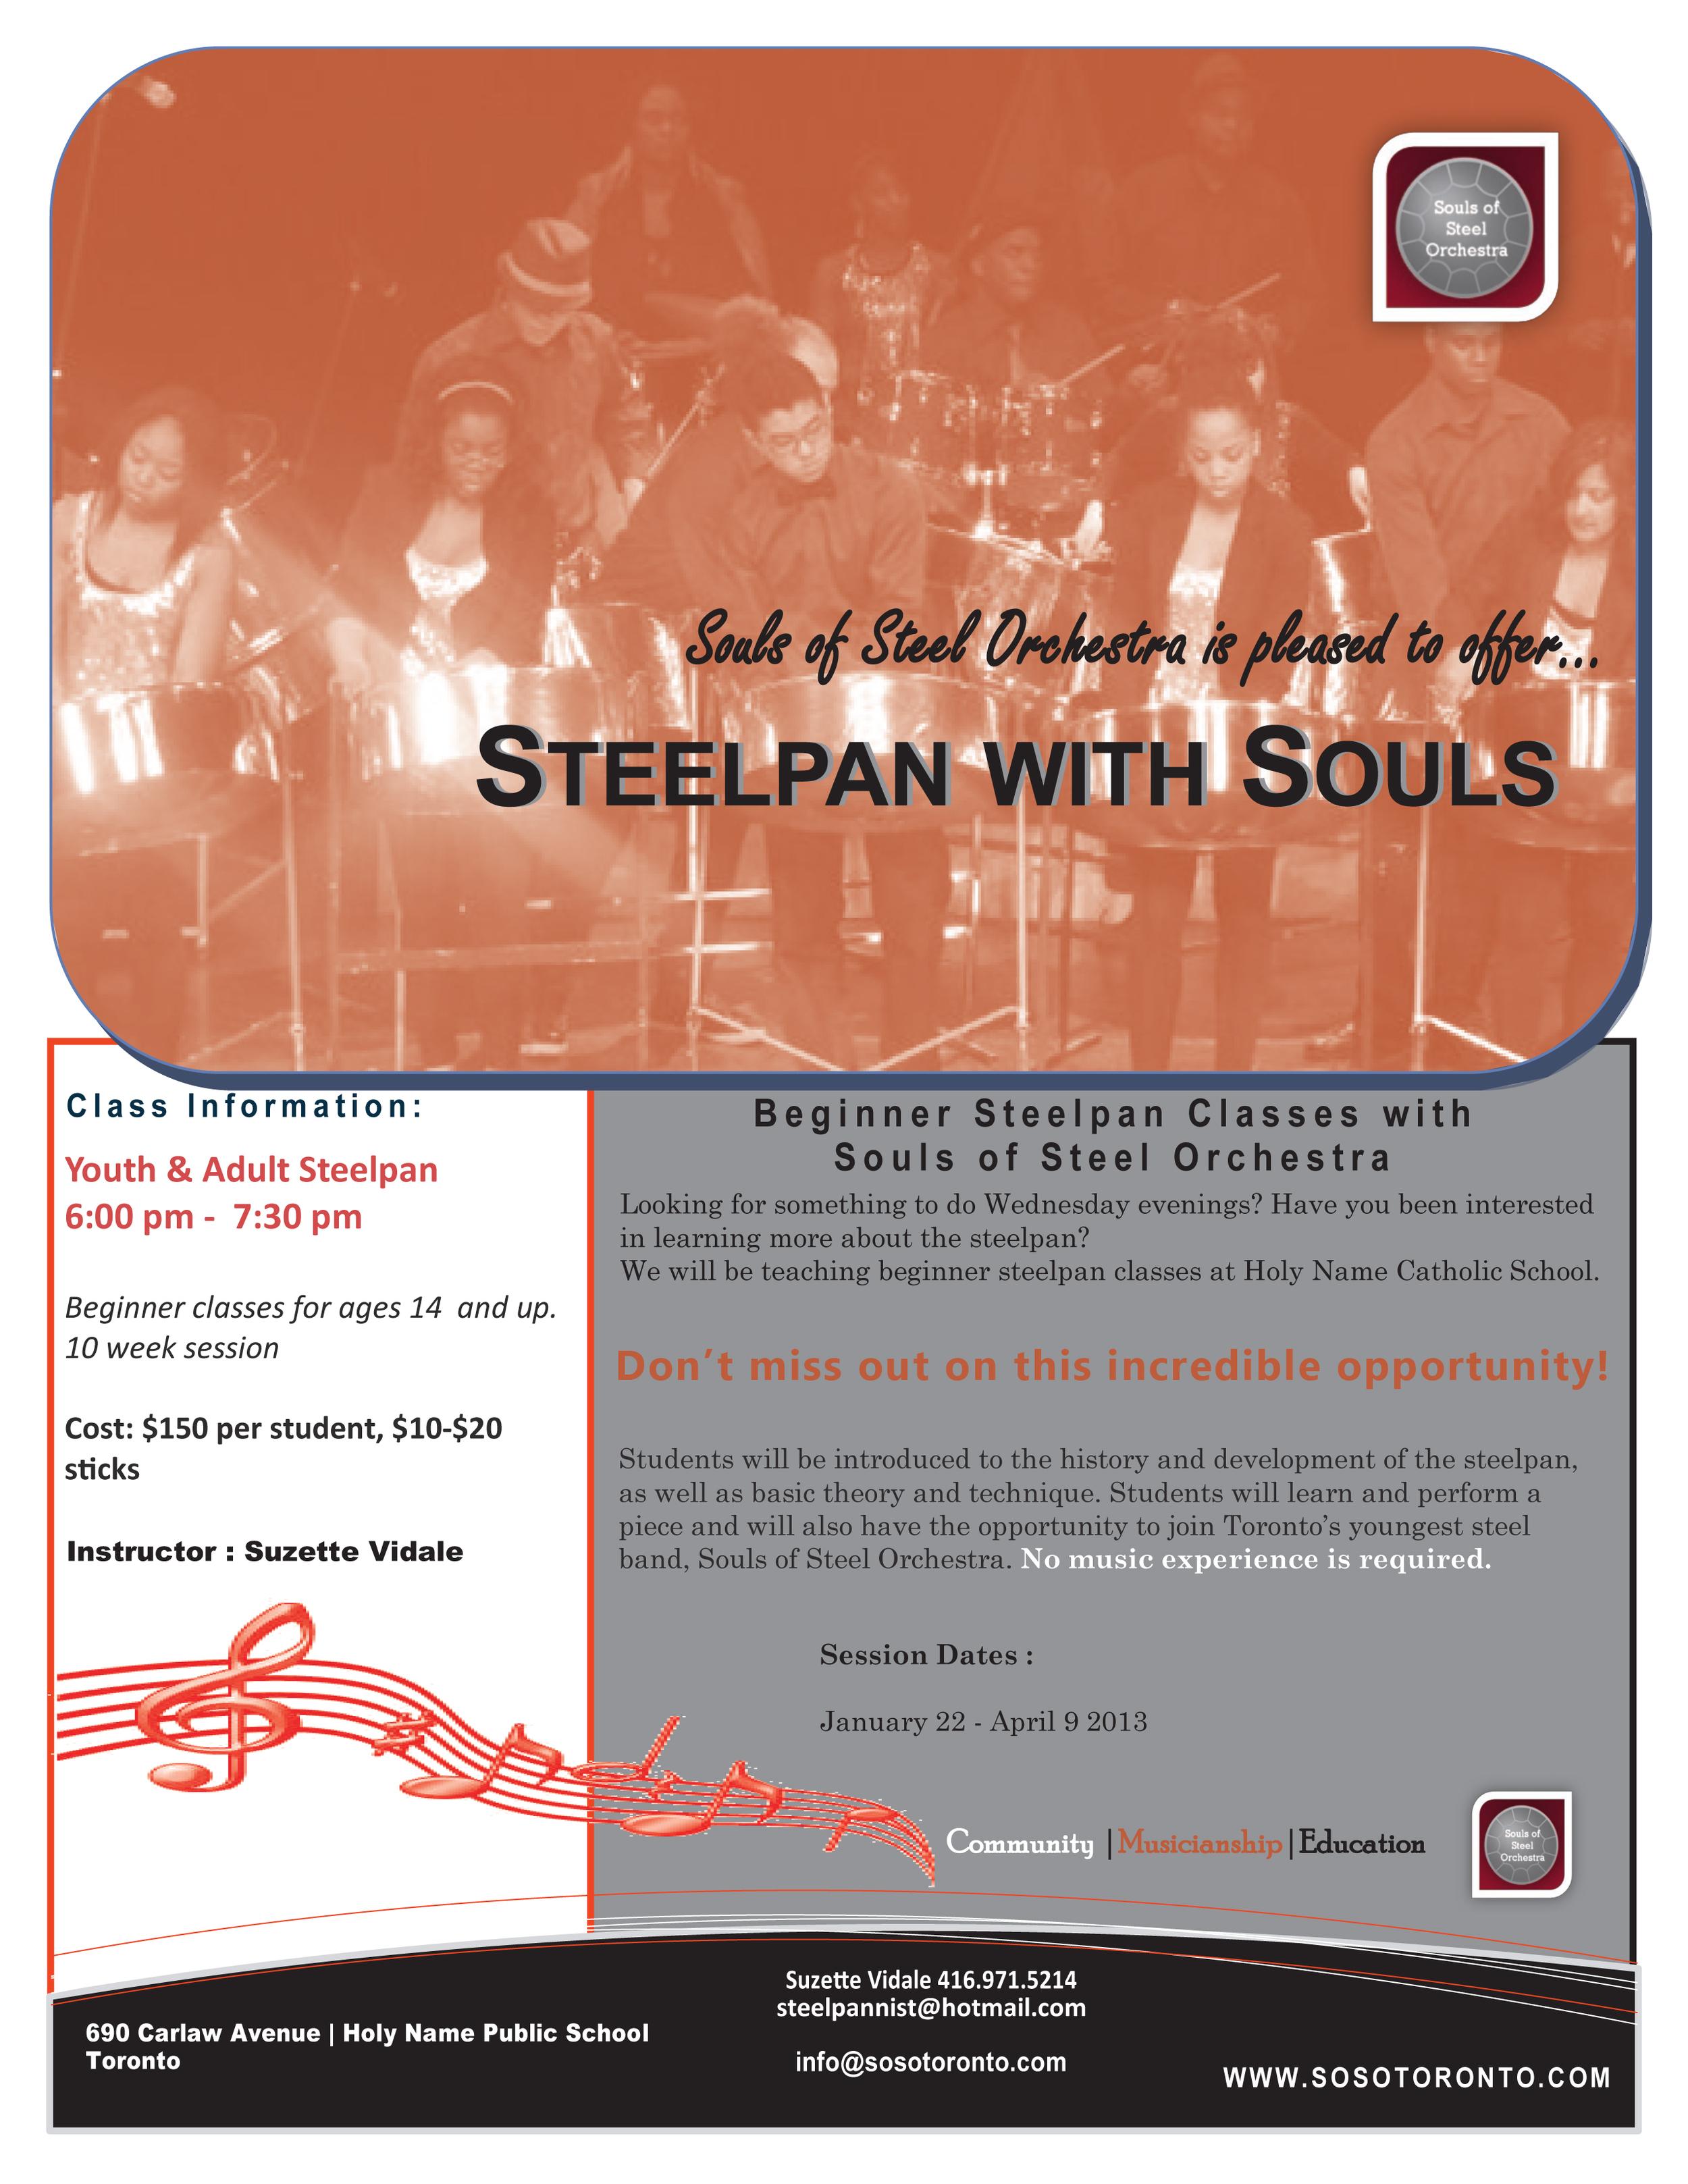 steelpan_w_souls_flyer_winter.jpg